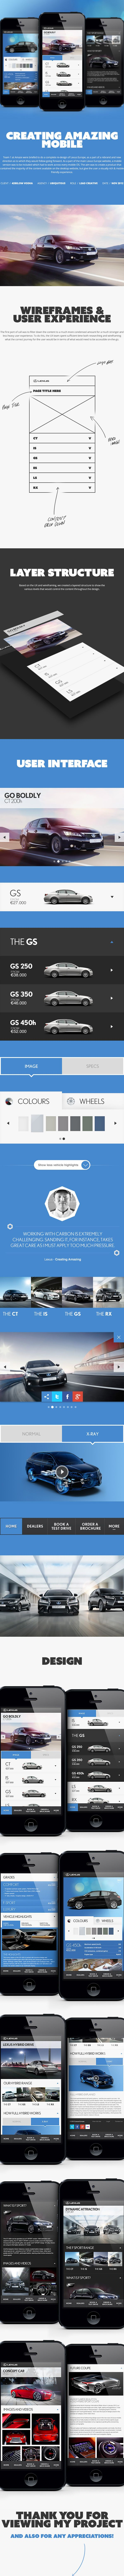 Lexus #mobile concept #ui